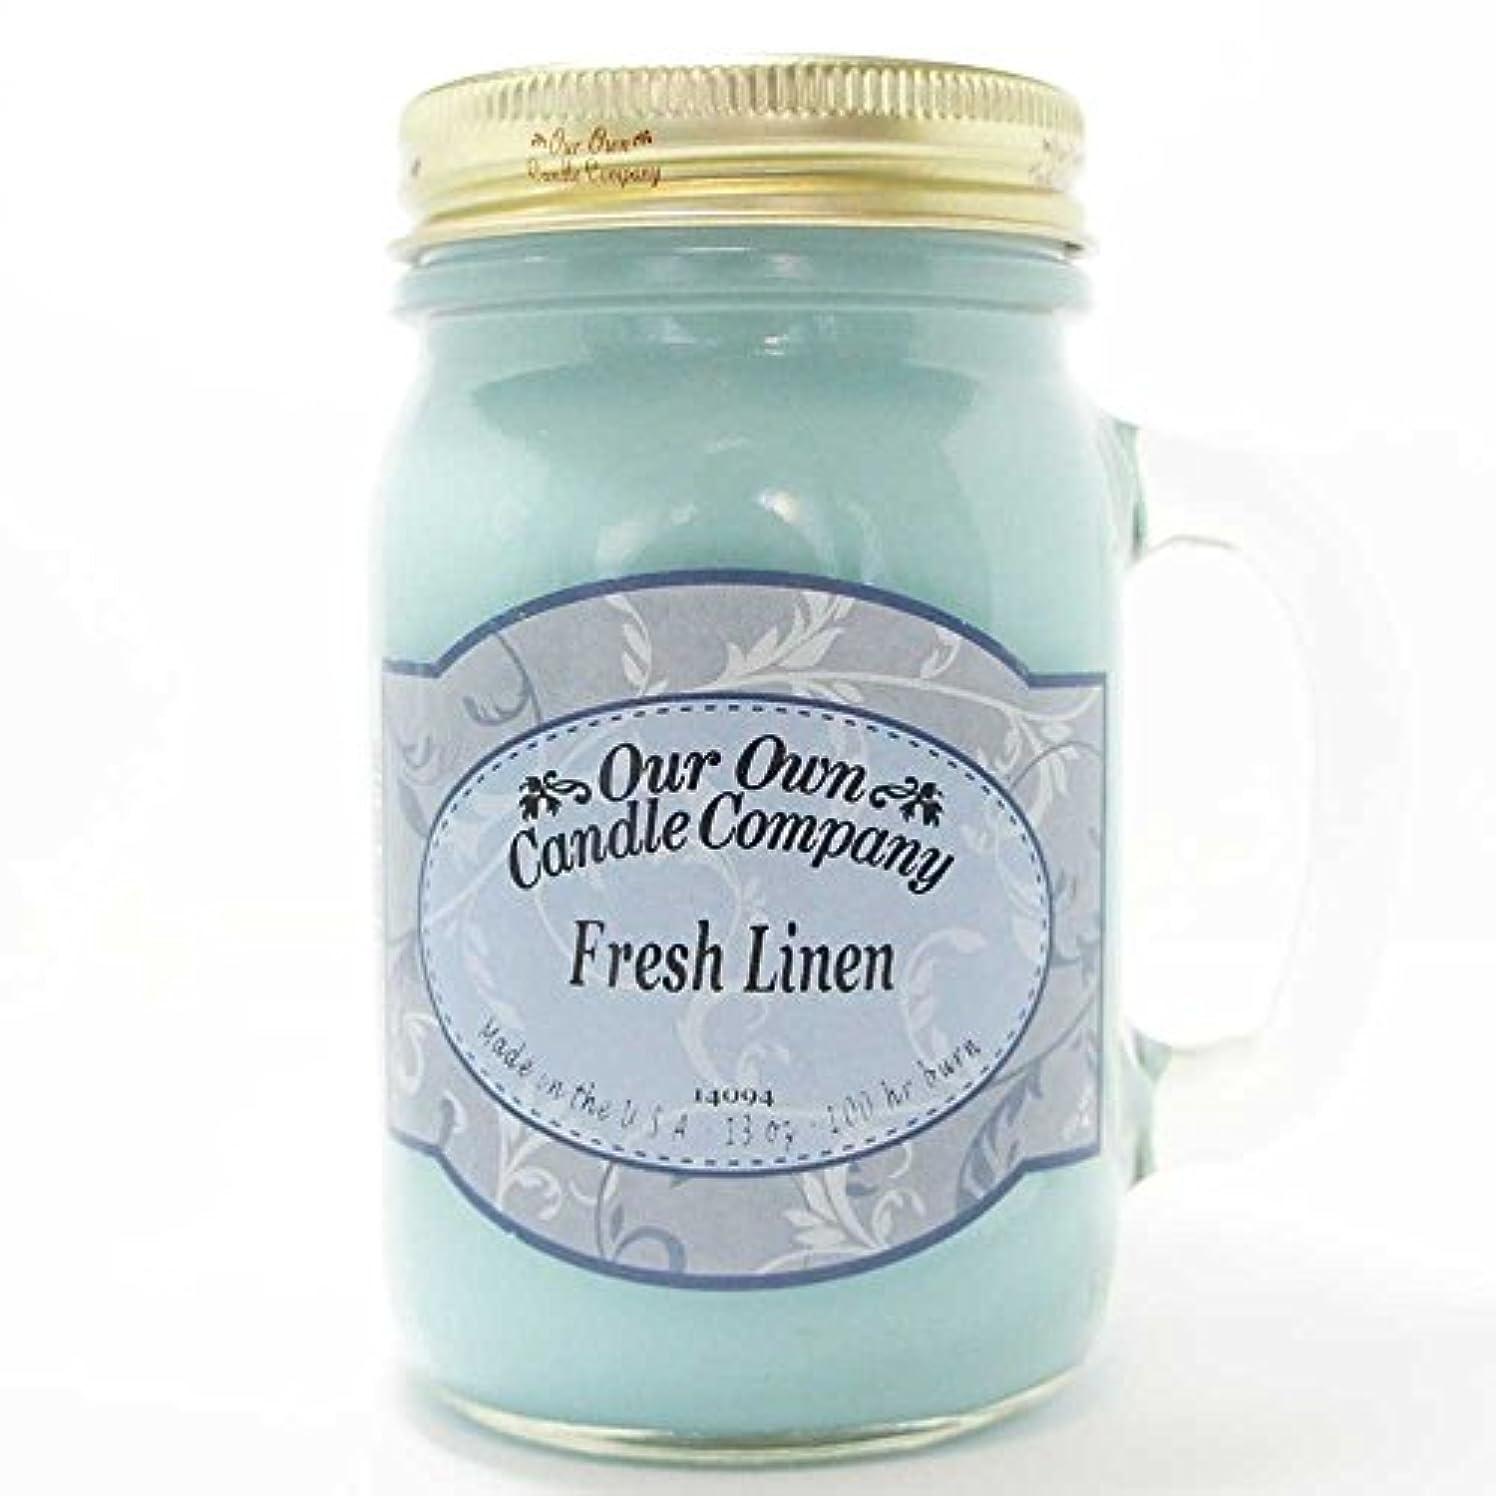 コショウくぼみダブルアロマキャンドル メイソンジャー フレッシュリネン ビッグ Our Own Candle Company Fresh Linen big